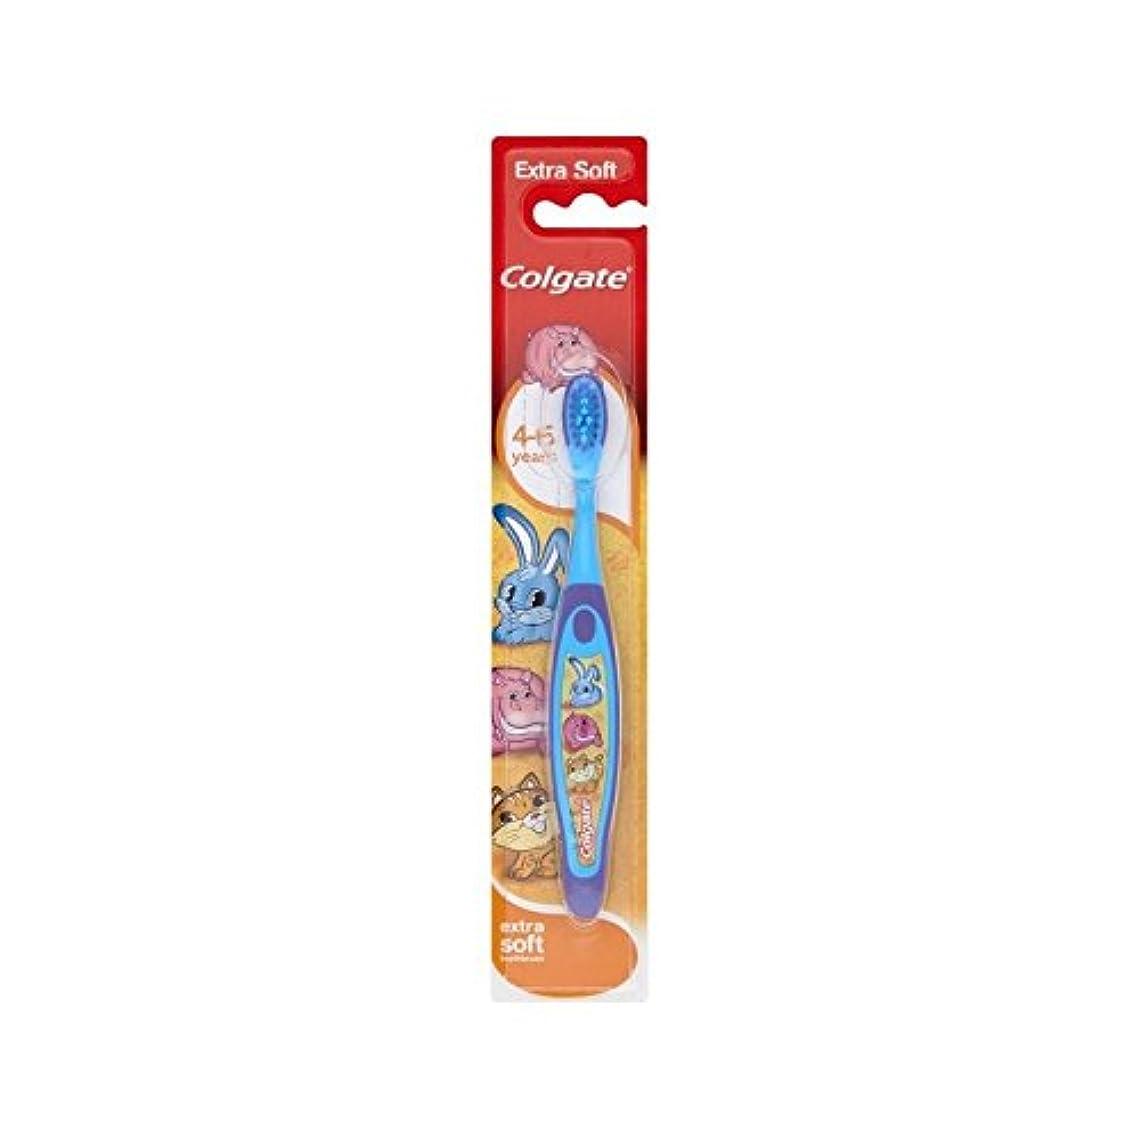 ポンド期限切れオート4-6歳の歯ブラシを笑顔 (Colgate) (x 6) - Colgate Smiles 4-6 Years Old Toothbrush (Pack of 6) [並行輸入品]